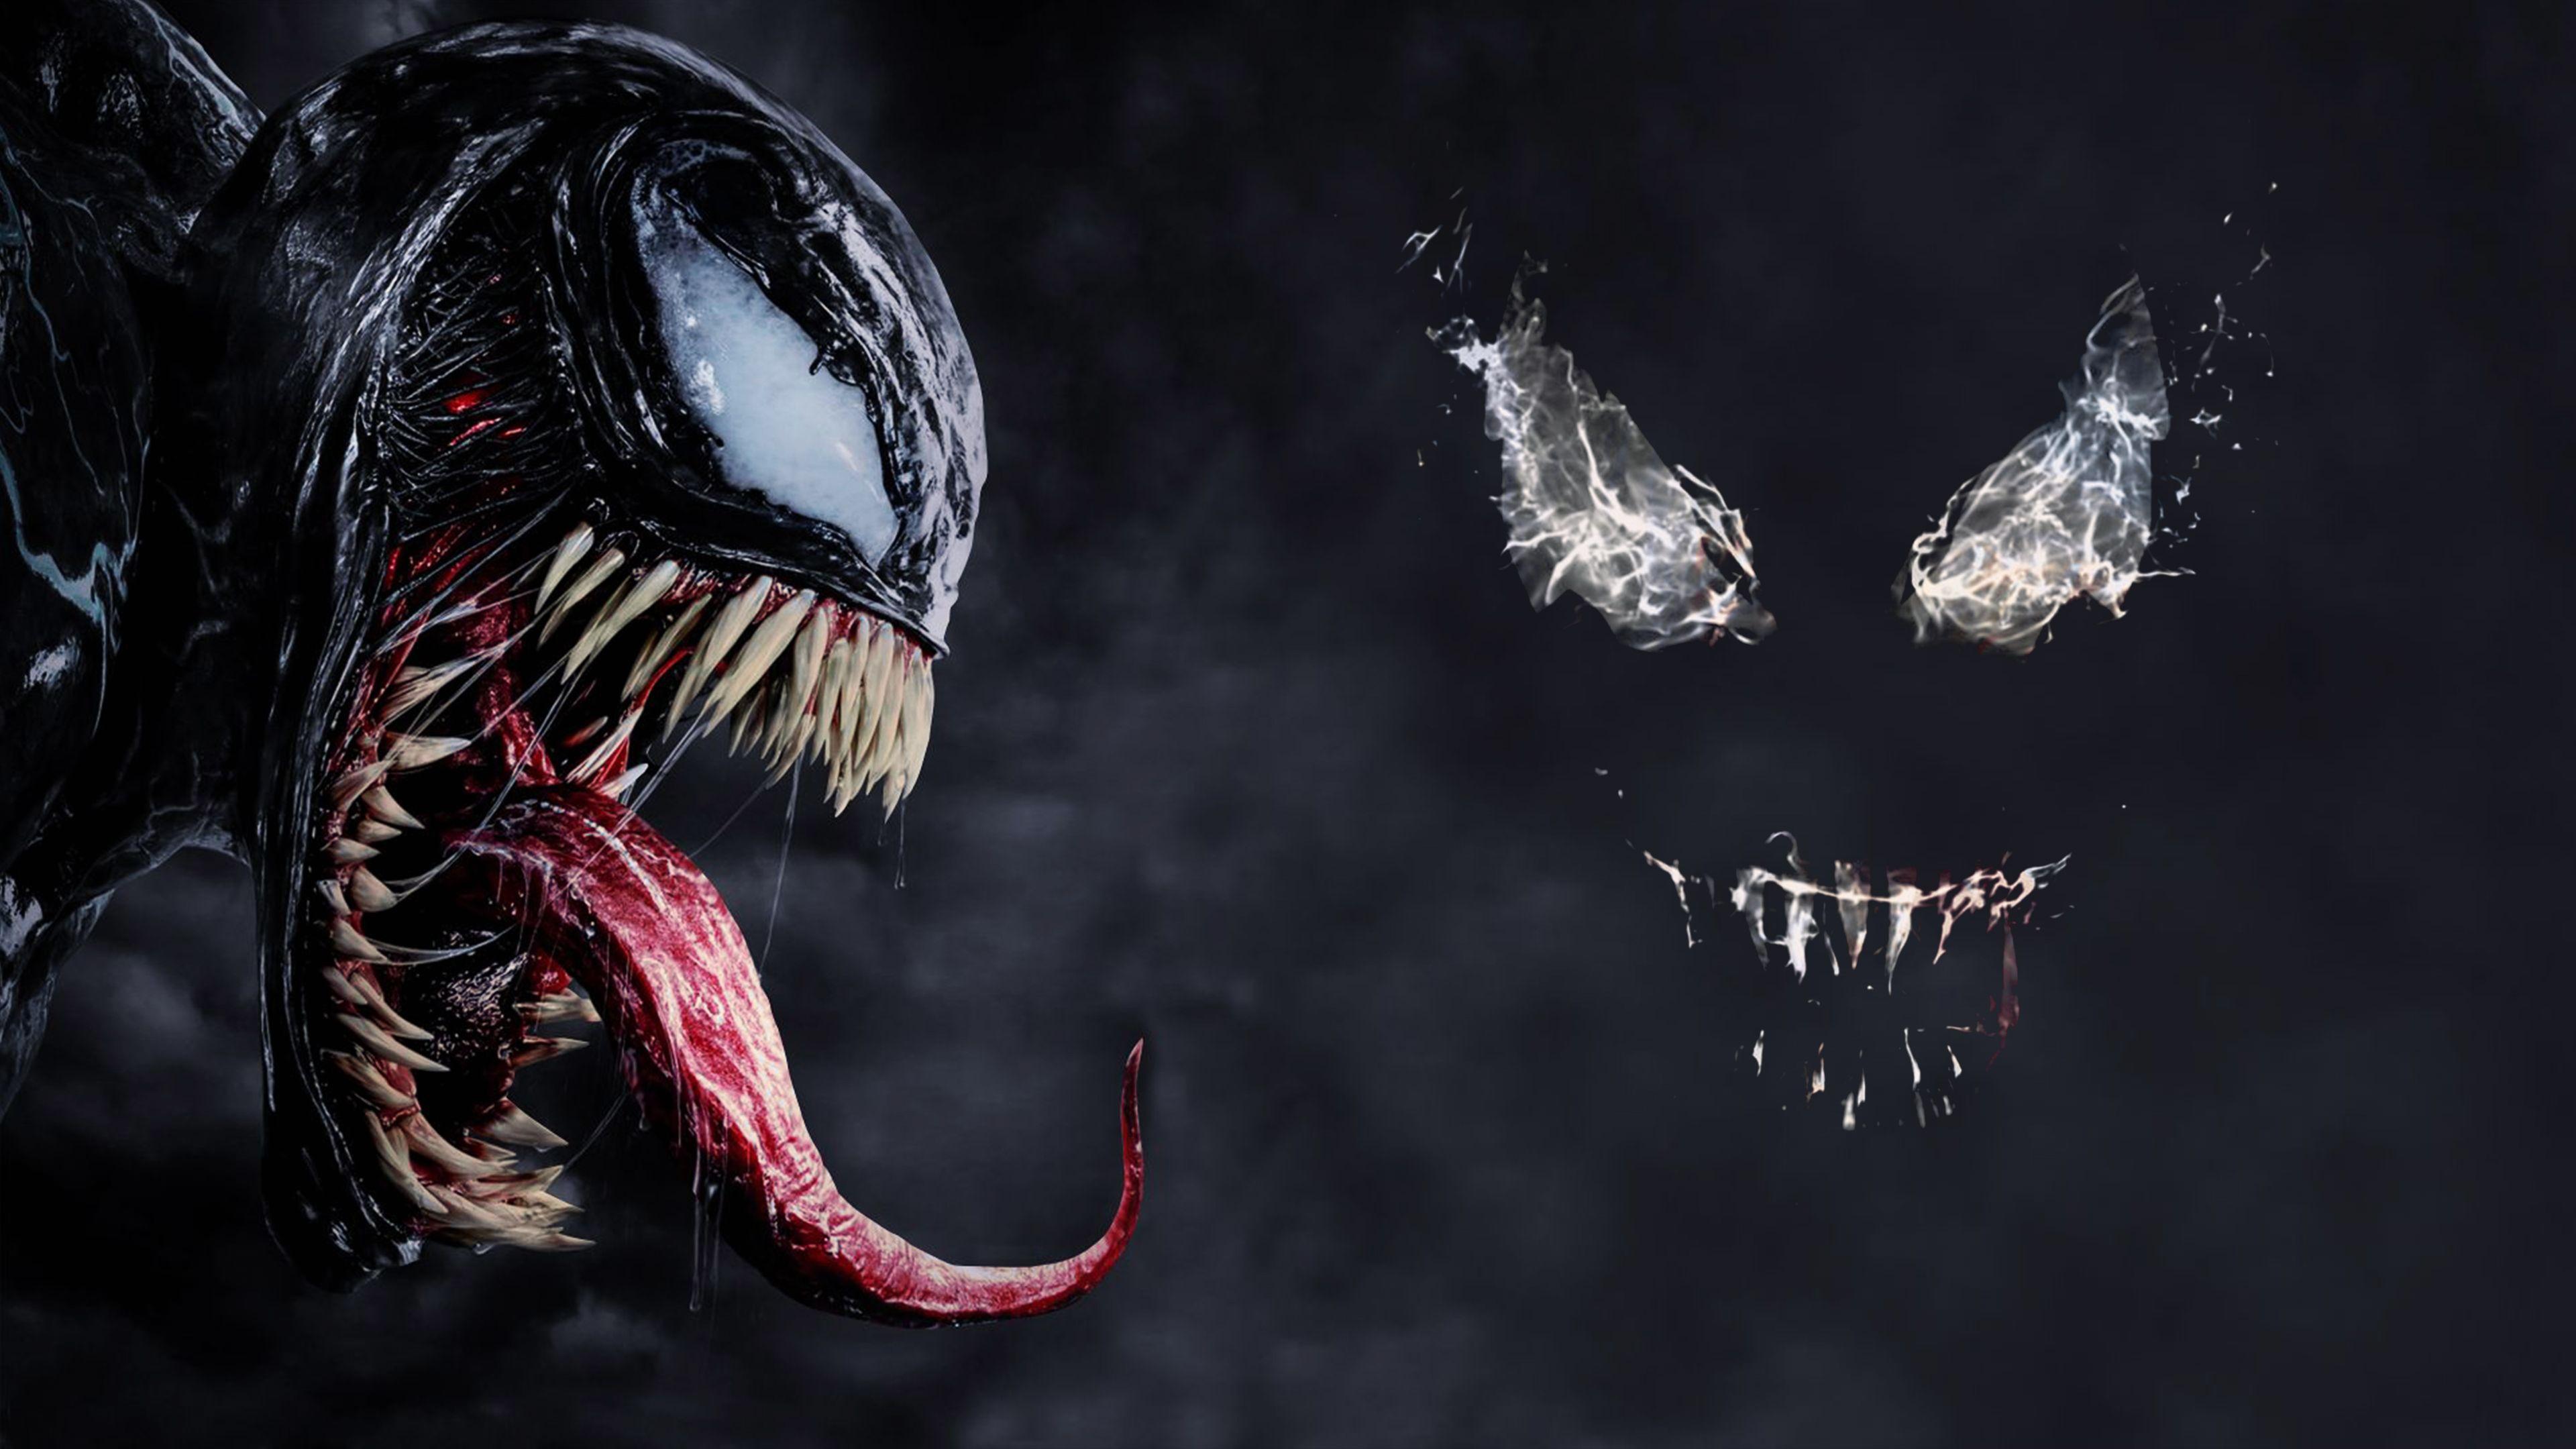 Venom Desktop Wallpapers Top Free Venom Desktop Backgrounds